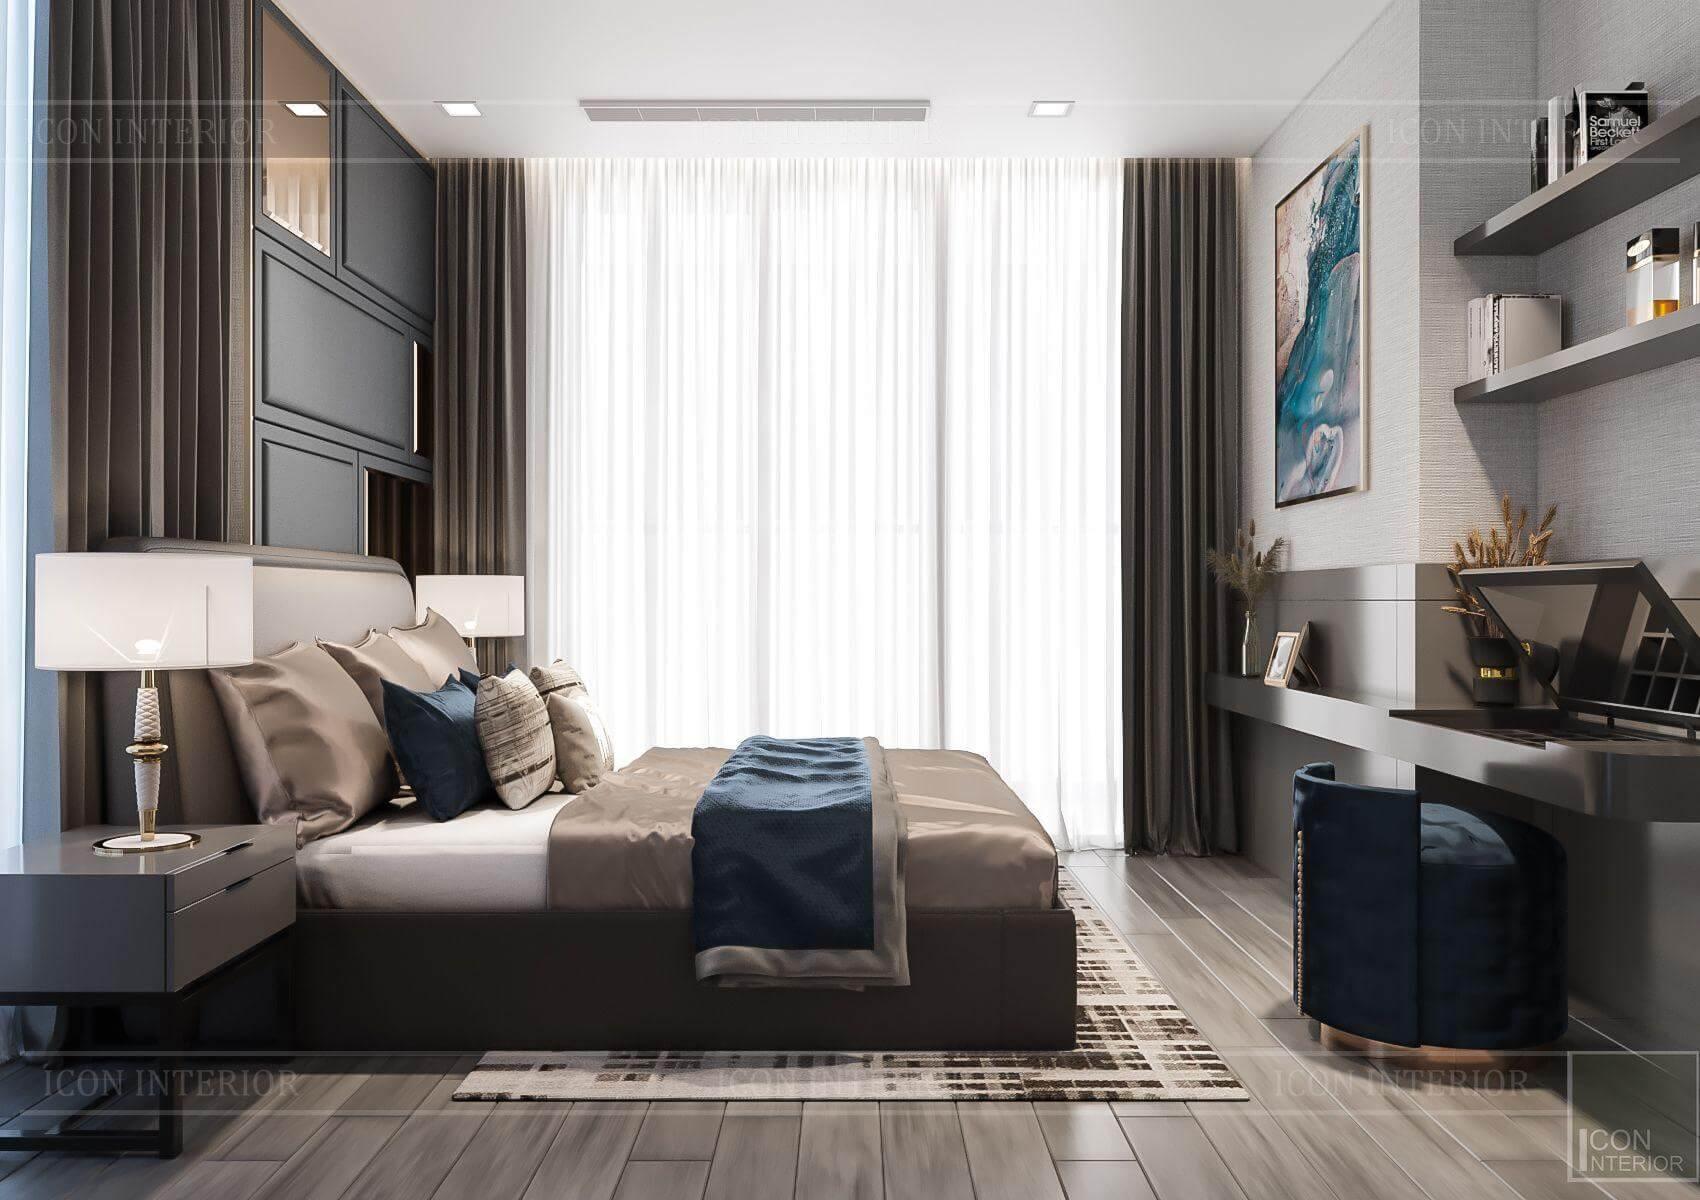 Thiết kế nội thất căn hộ chung cư Vinhomes Ba Son - view phòng ngủ